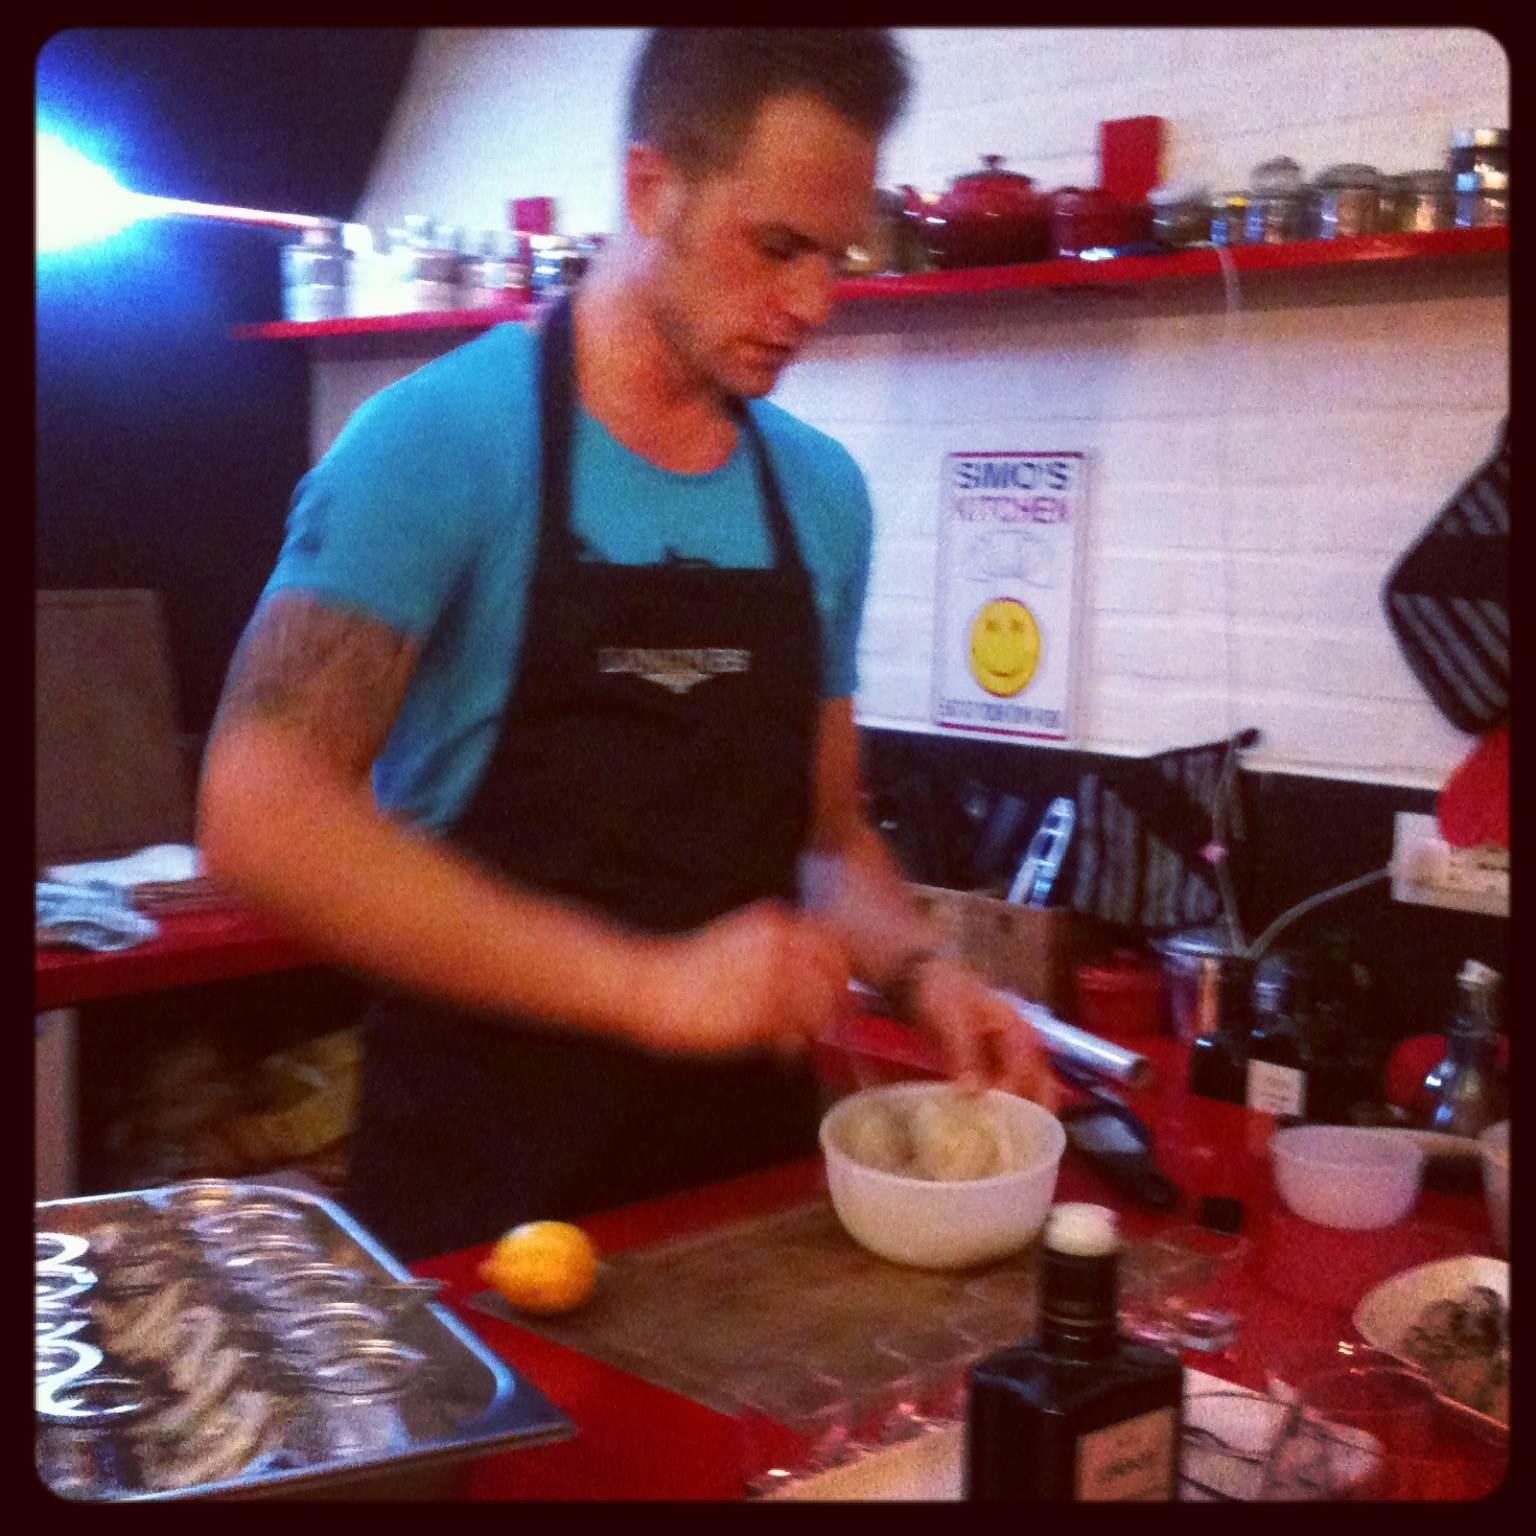 photo 2 LONGINES TI INVITA   A cena dallo chef